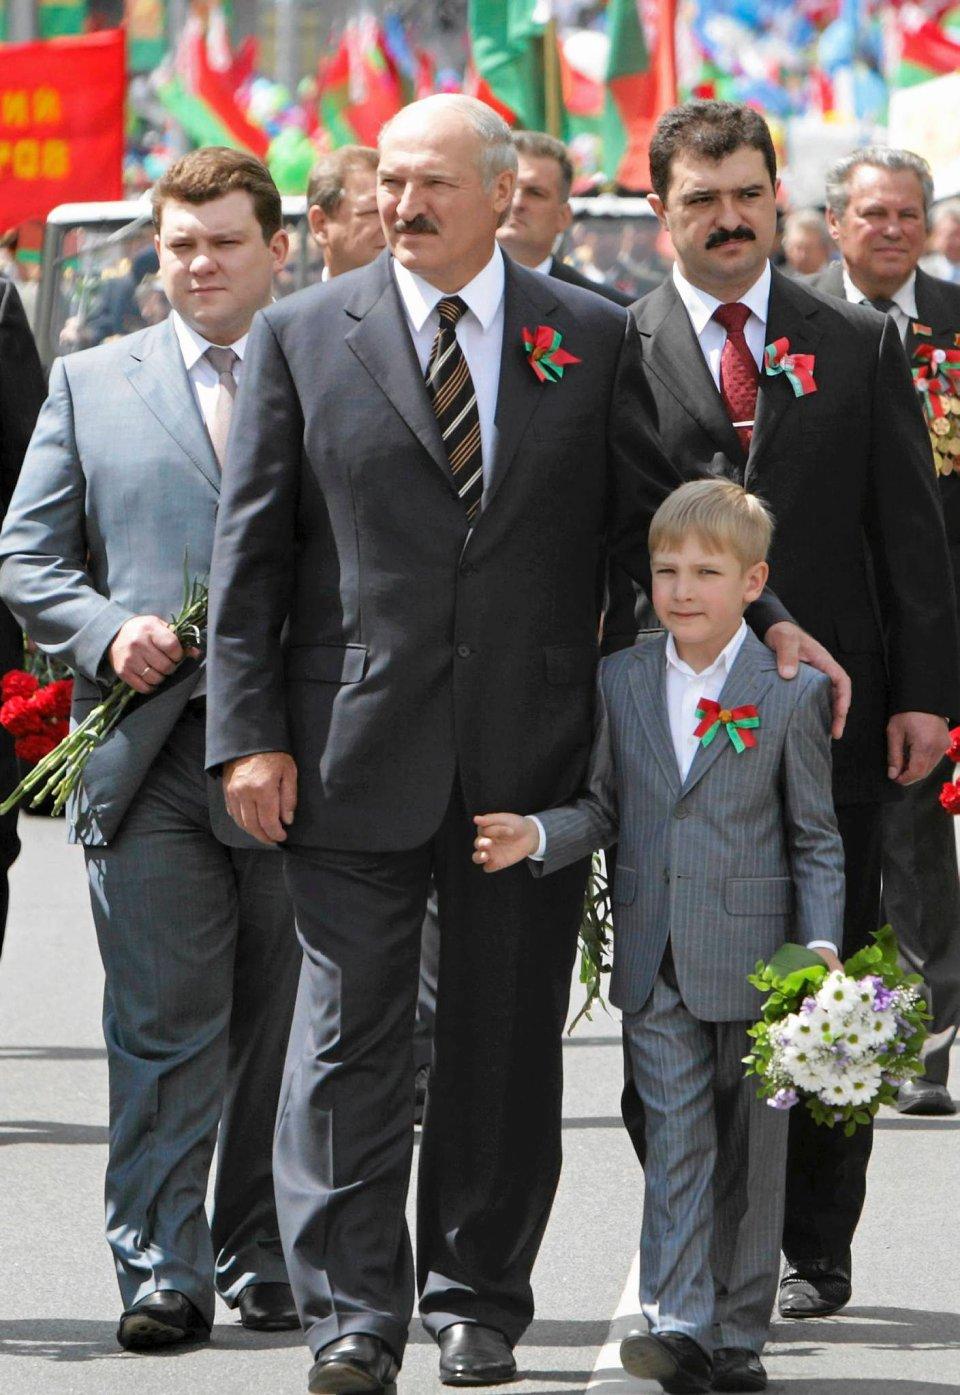 Ród Łukaszenków. Od lewej: Dzmitryj, Aleksander, Wiktor, na pierwszym planie najmłodszy Mikołaj